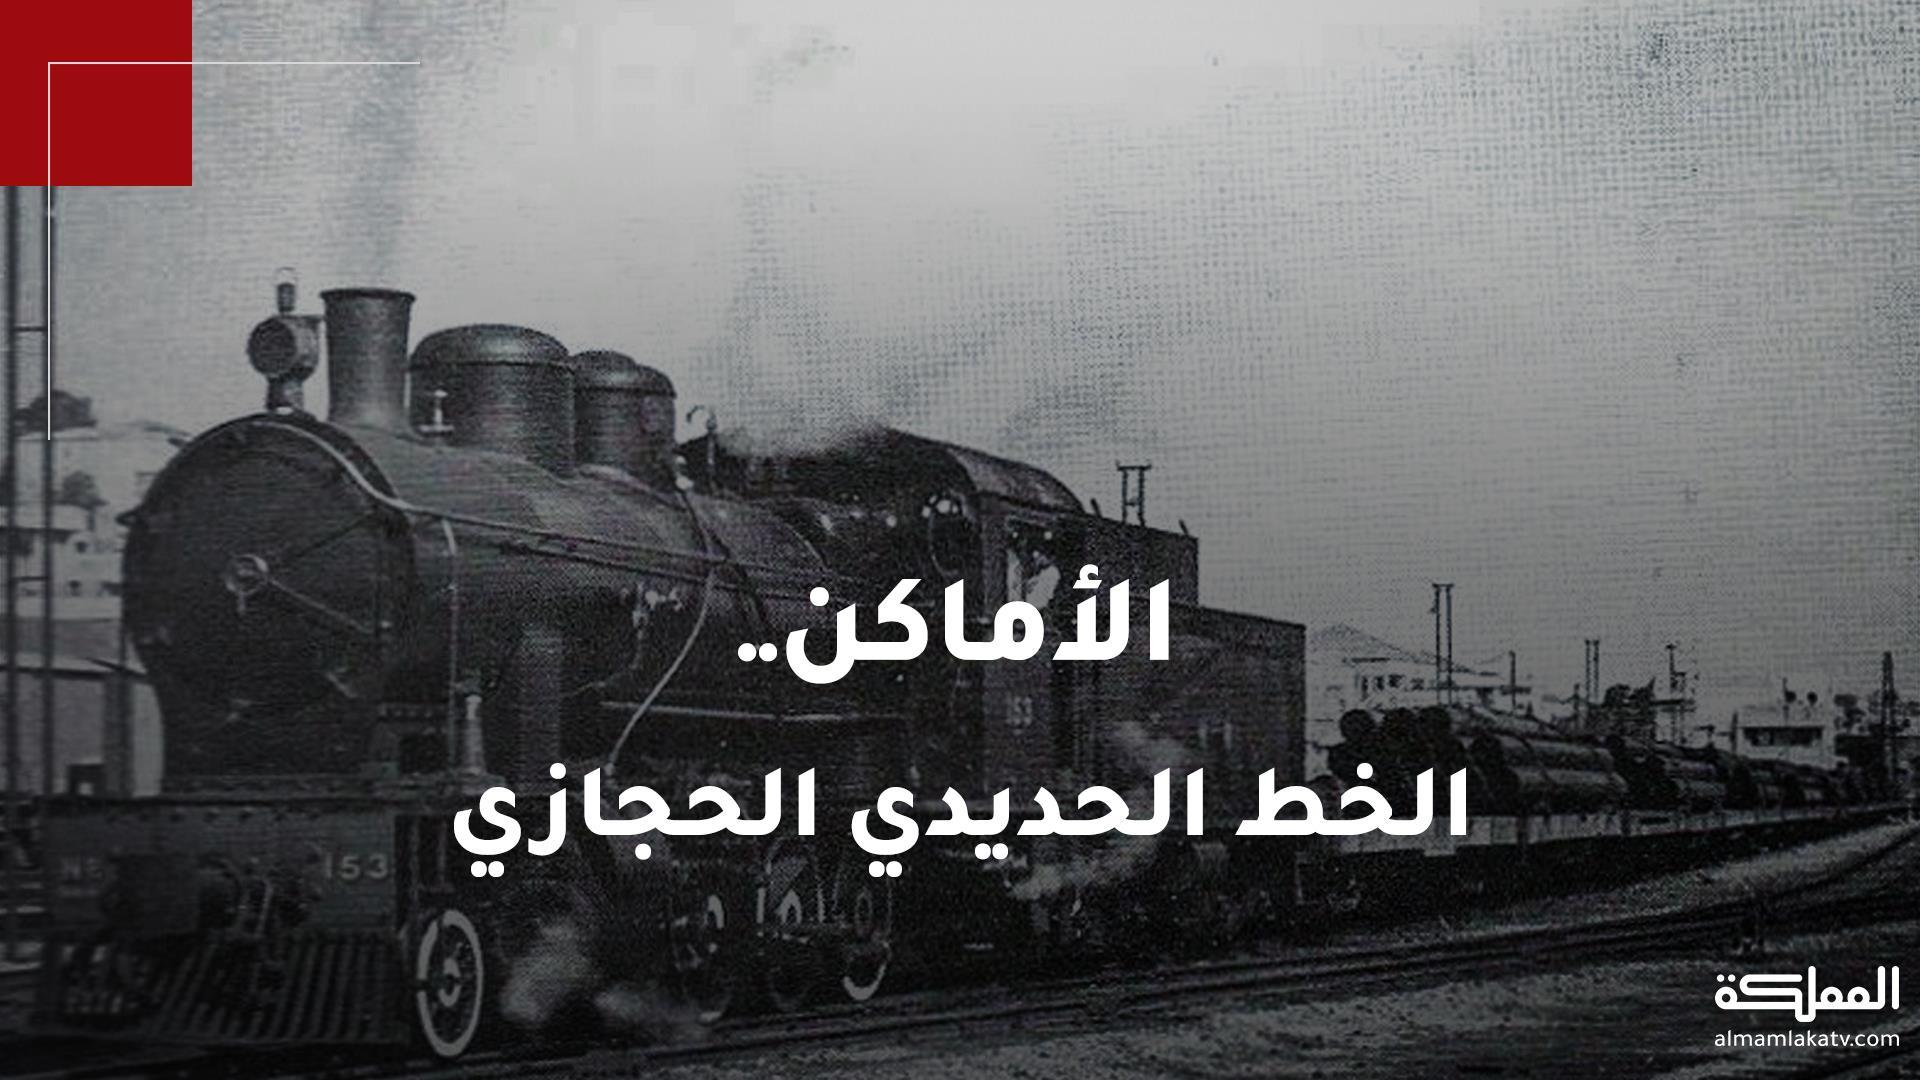 الخط الحديدي الحجازي .. أدرج ضمن قائمة منظمة اليونسكو للتراث الإنساني العالمي